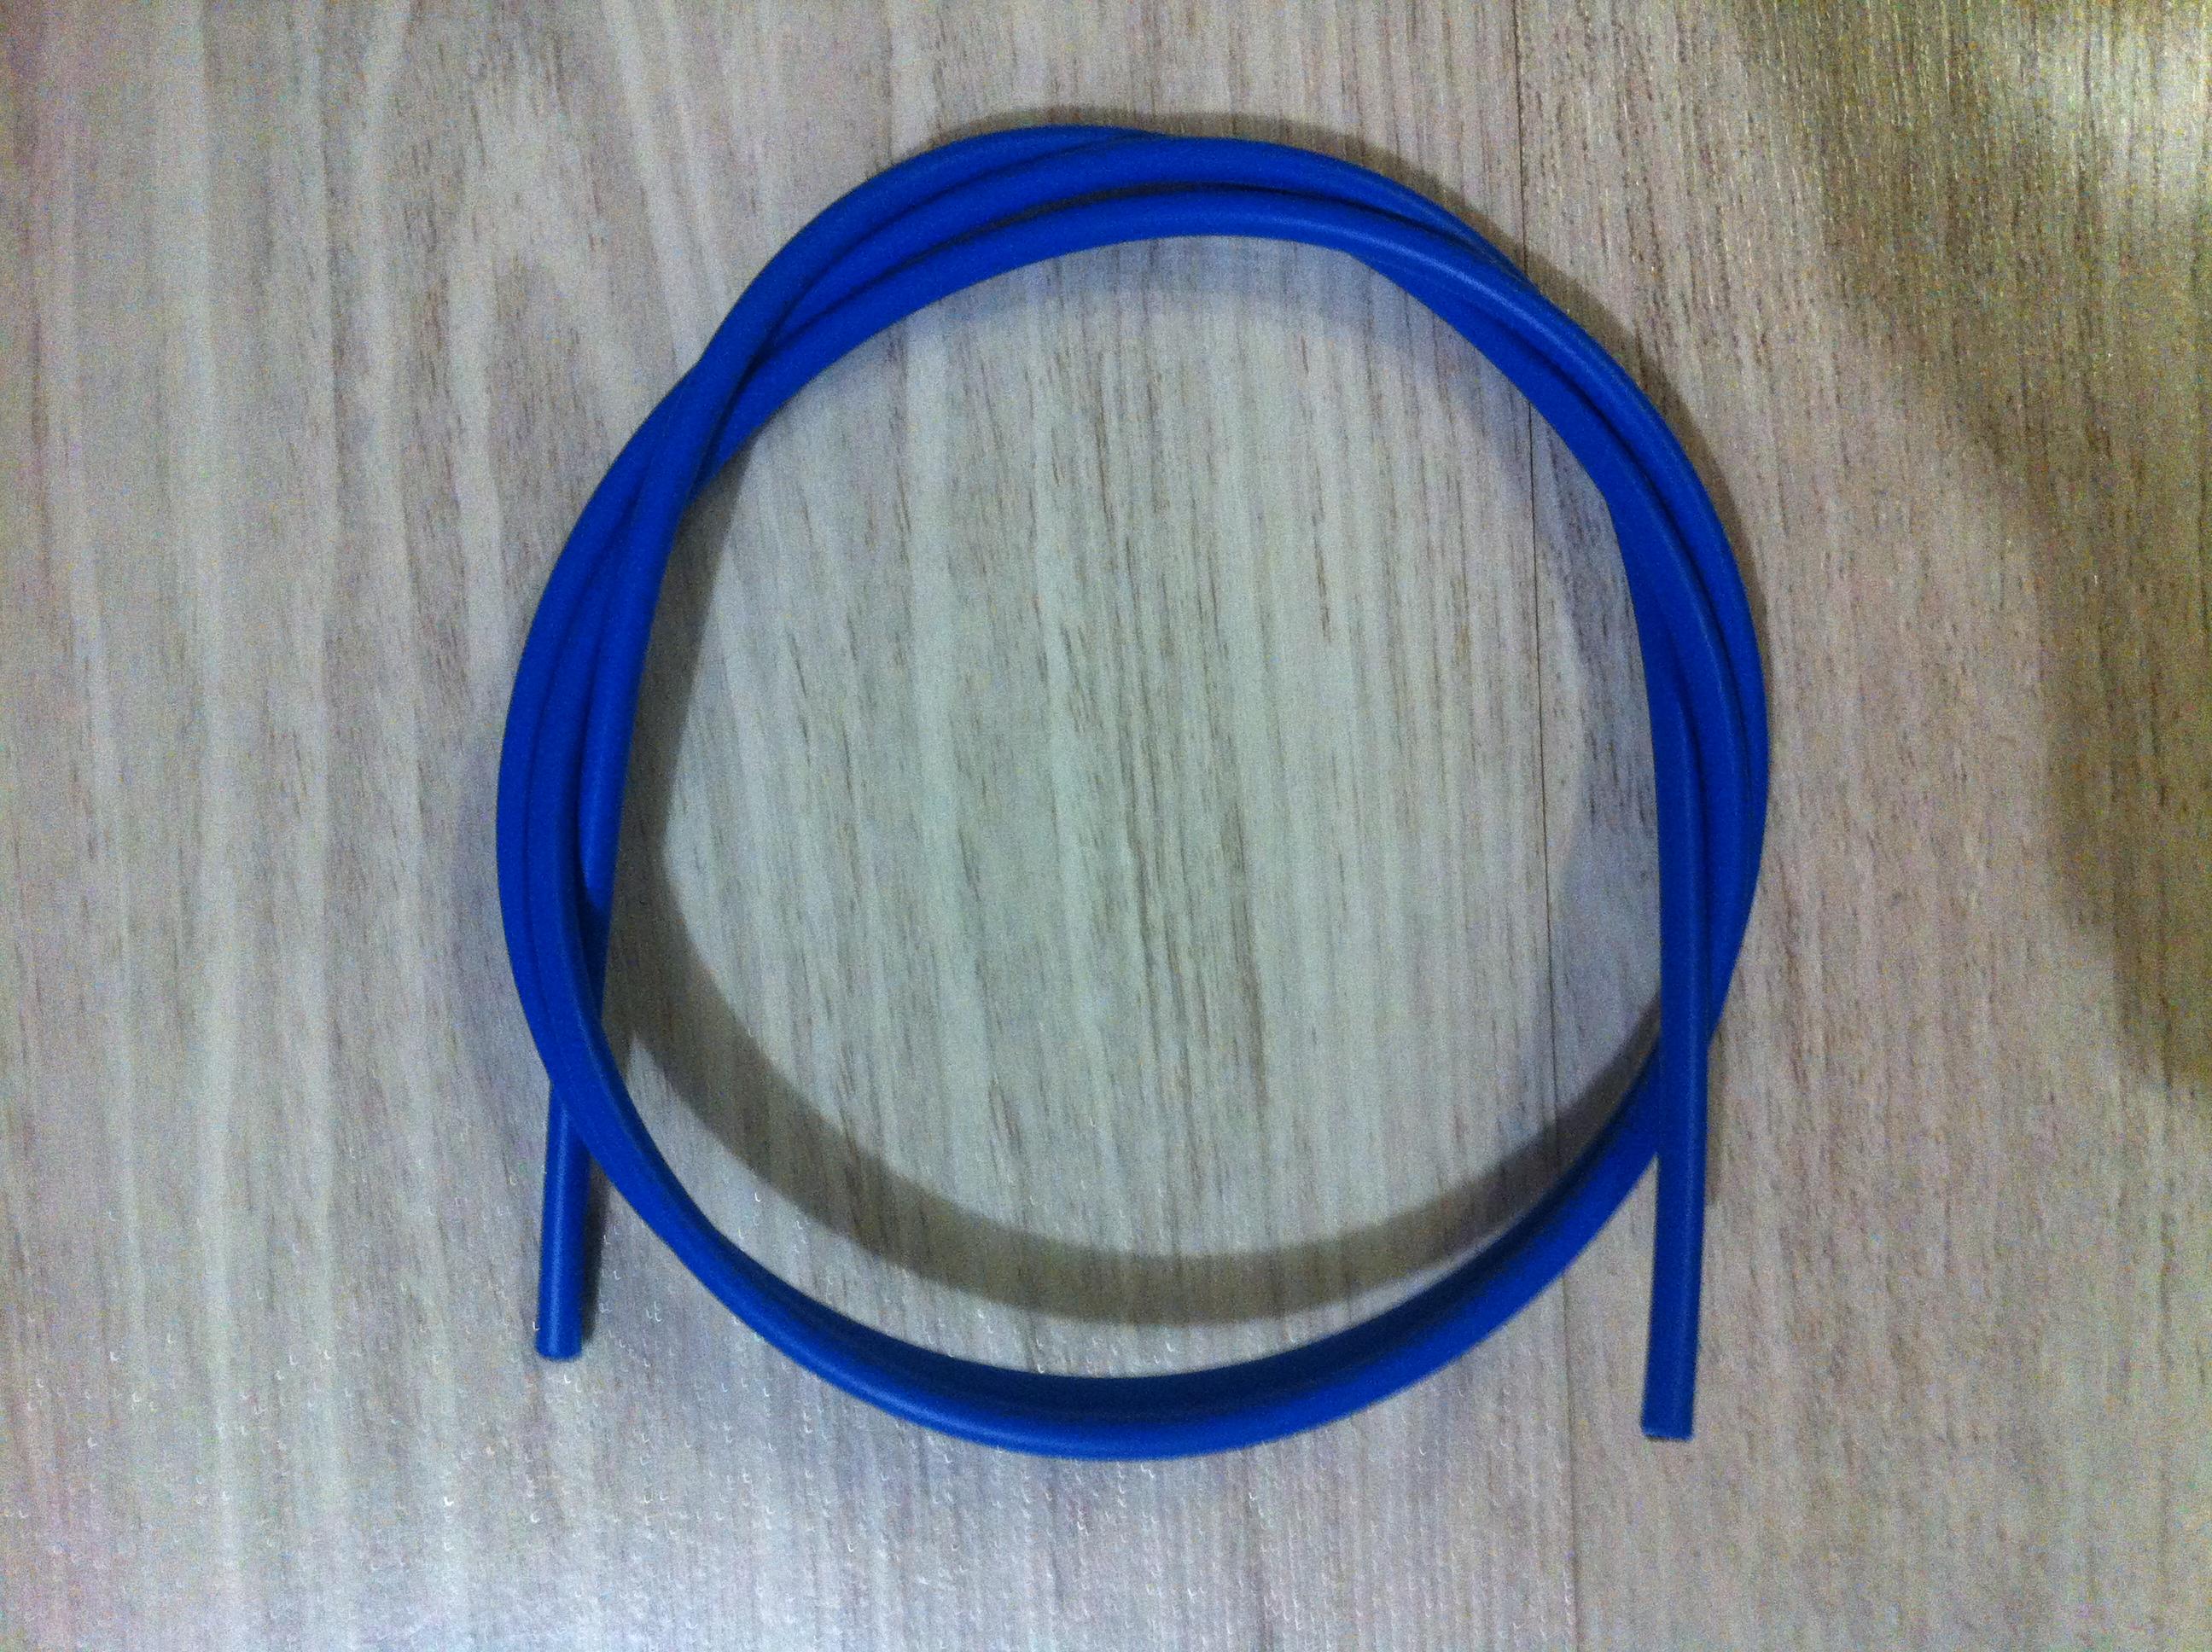 Оплетка троса переключателя Shimano SP41, 1 м., синяя